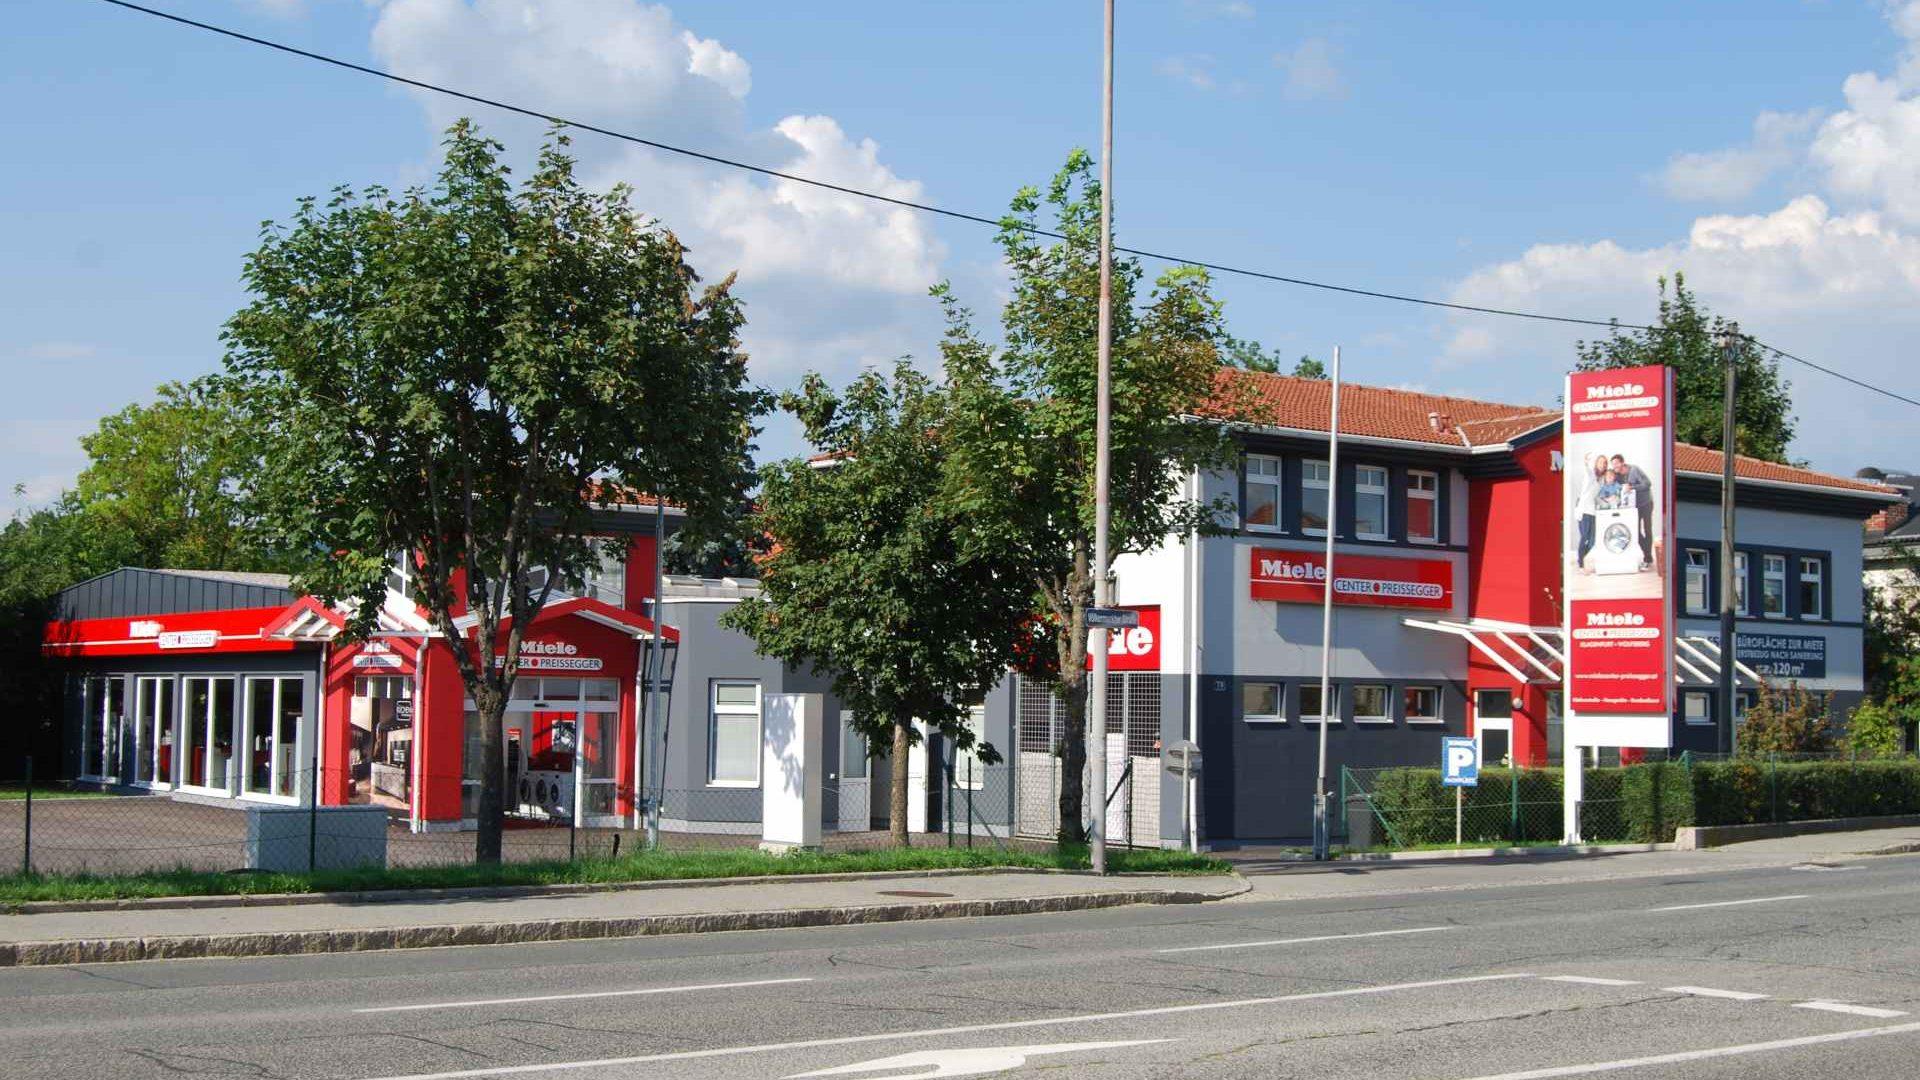 Miele Center Küchenwelt Preissegger in Wolfsberg und Klagenfurt in Kärnten